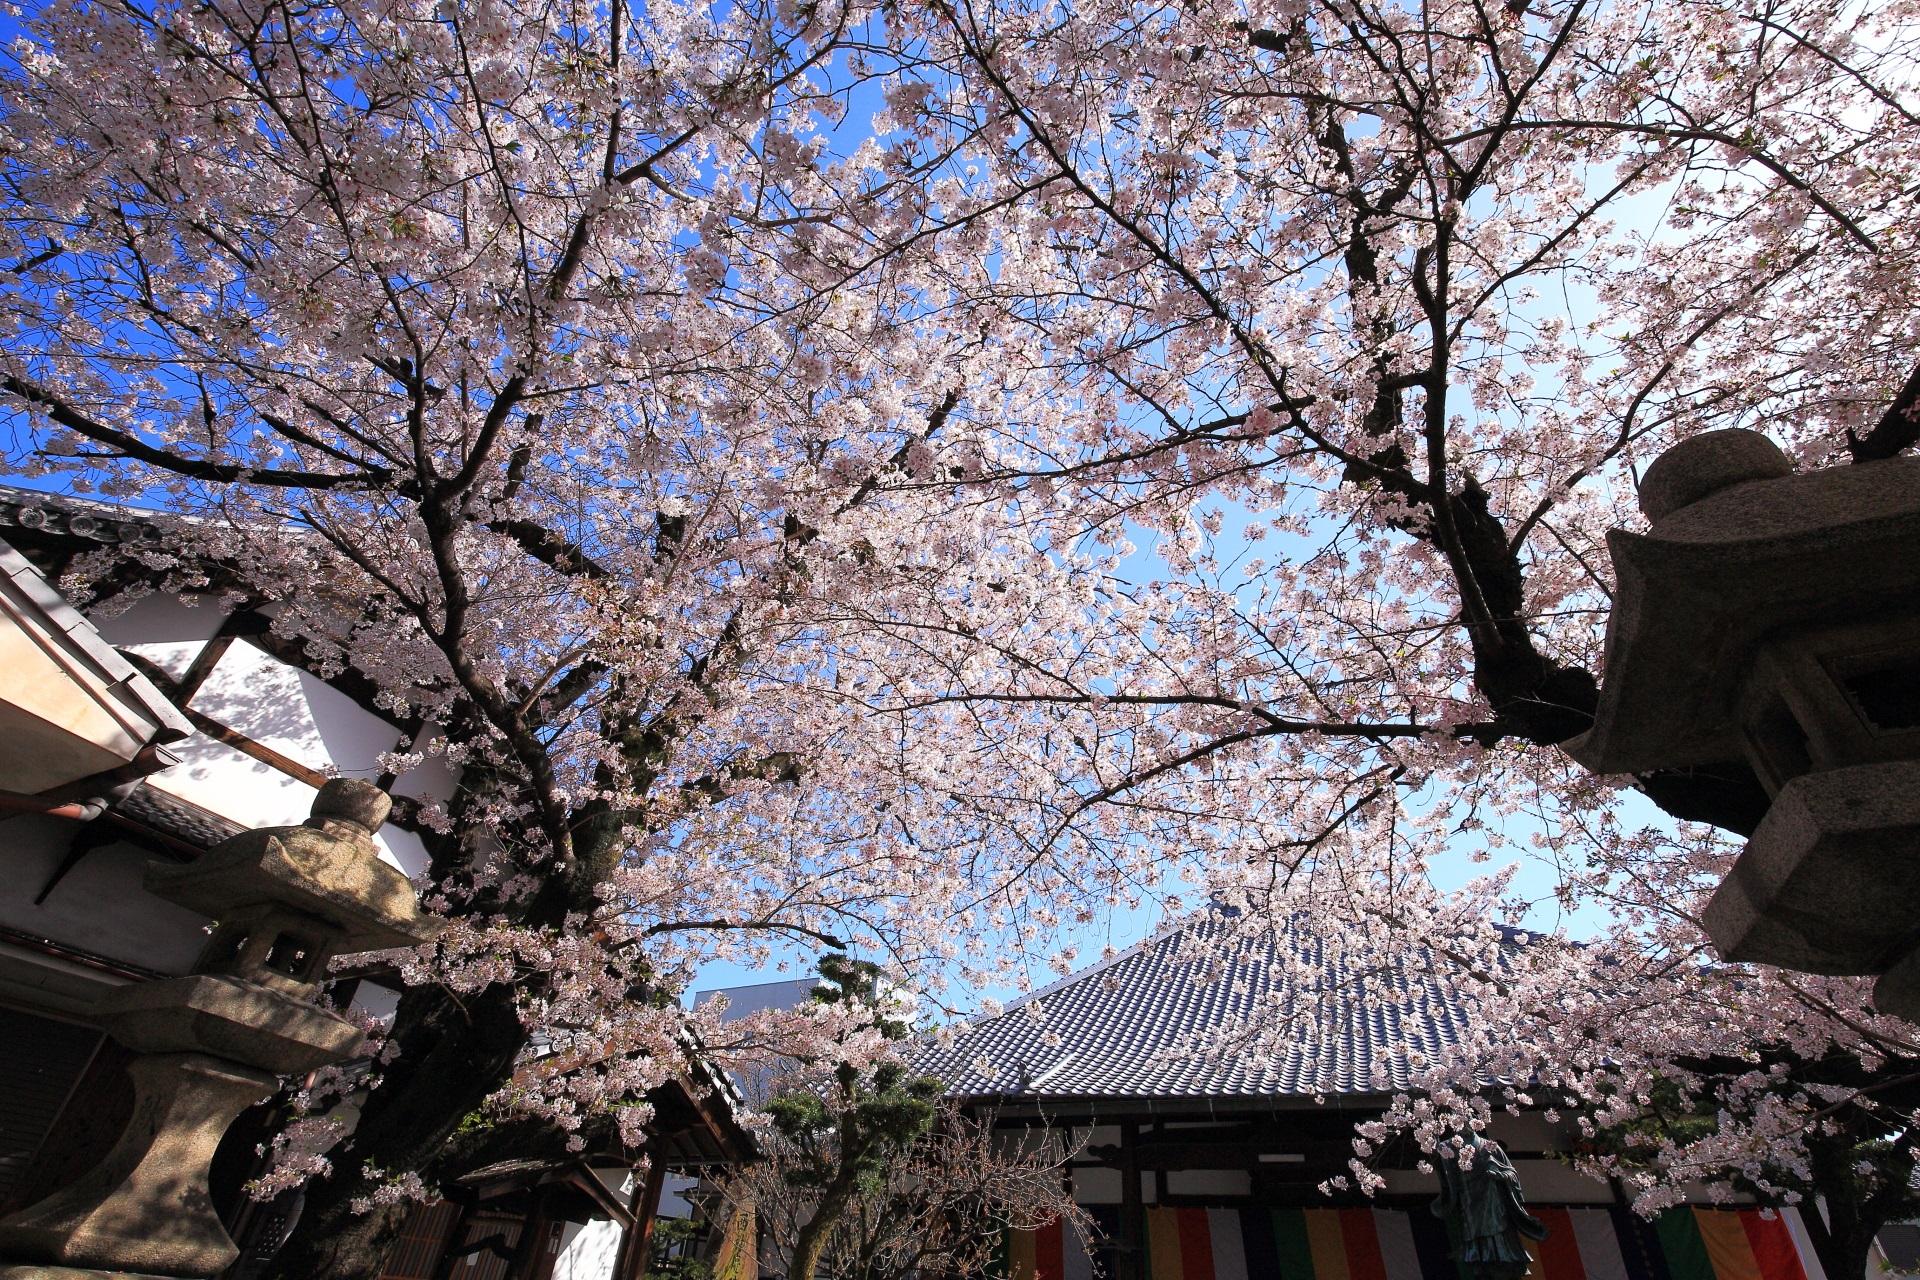 墨染寺の本堂をつつむ圧巻の桜